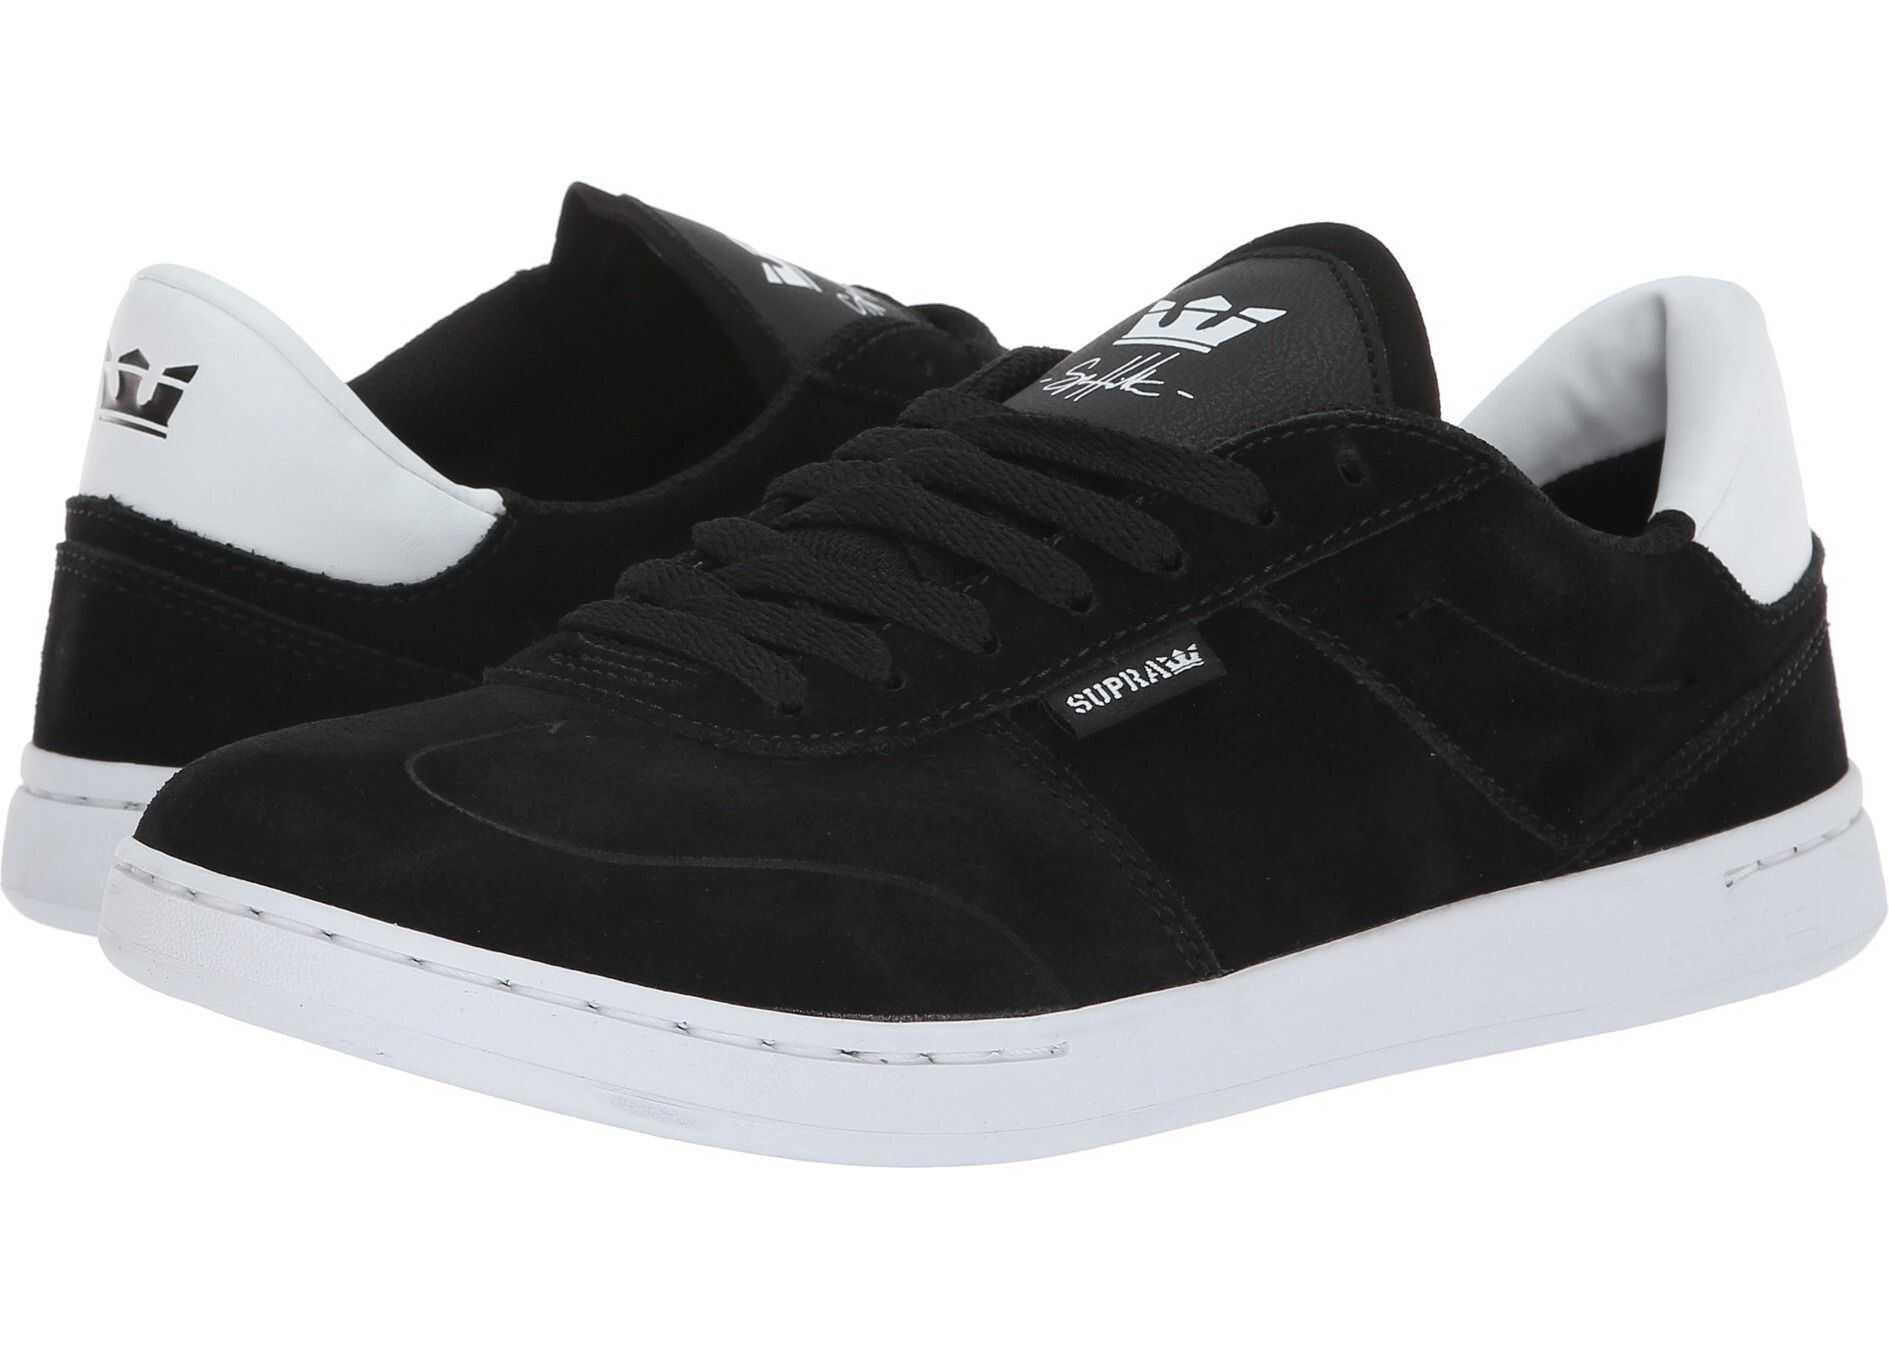 Supra Elevate Black/White